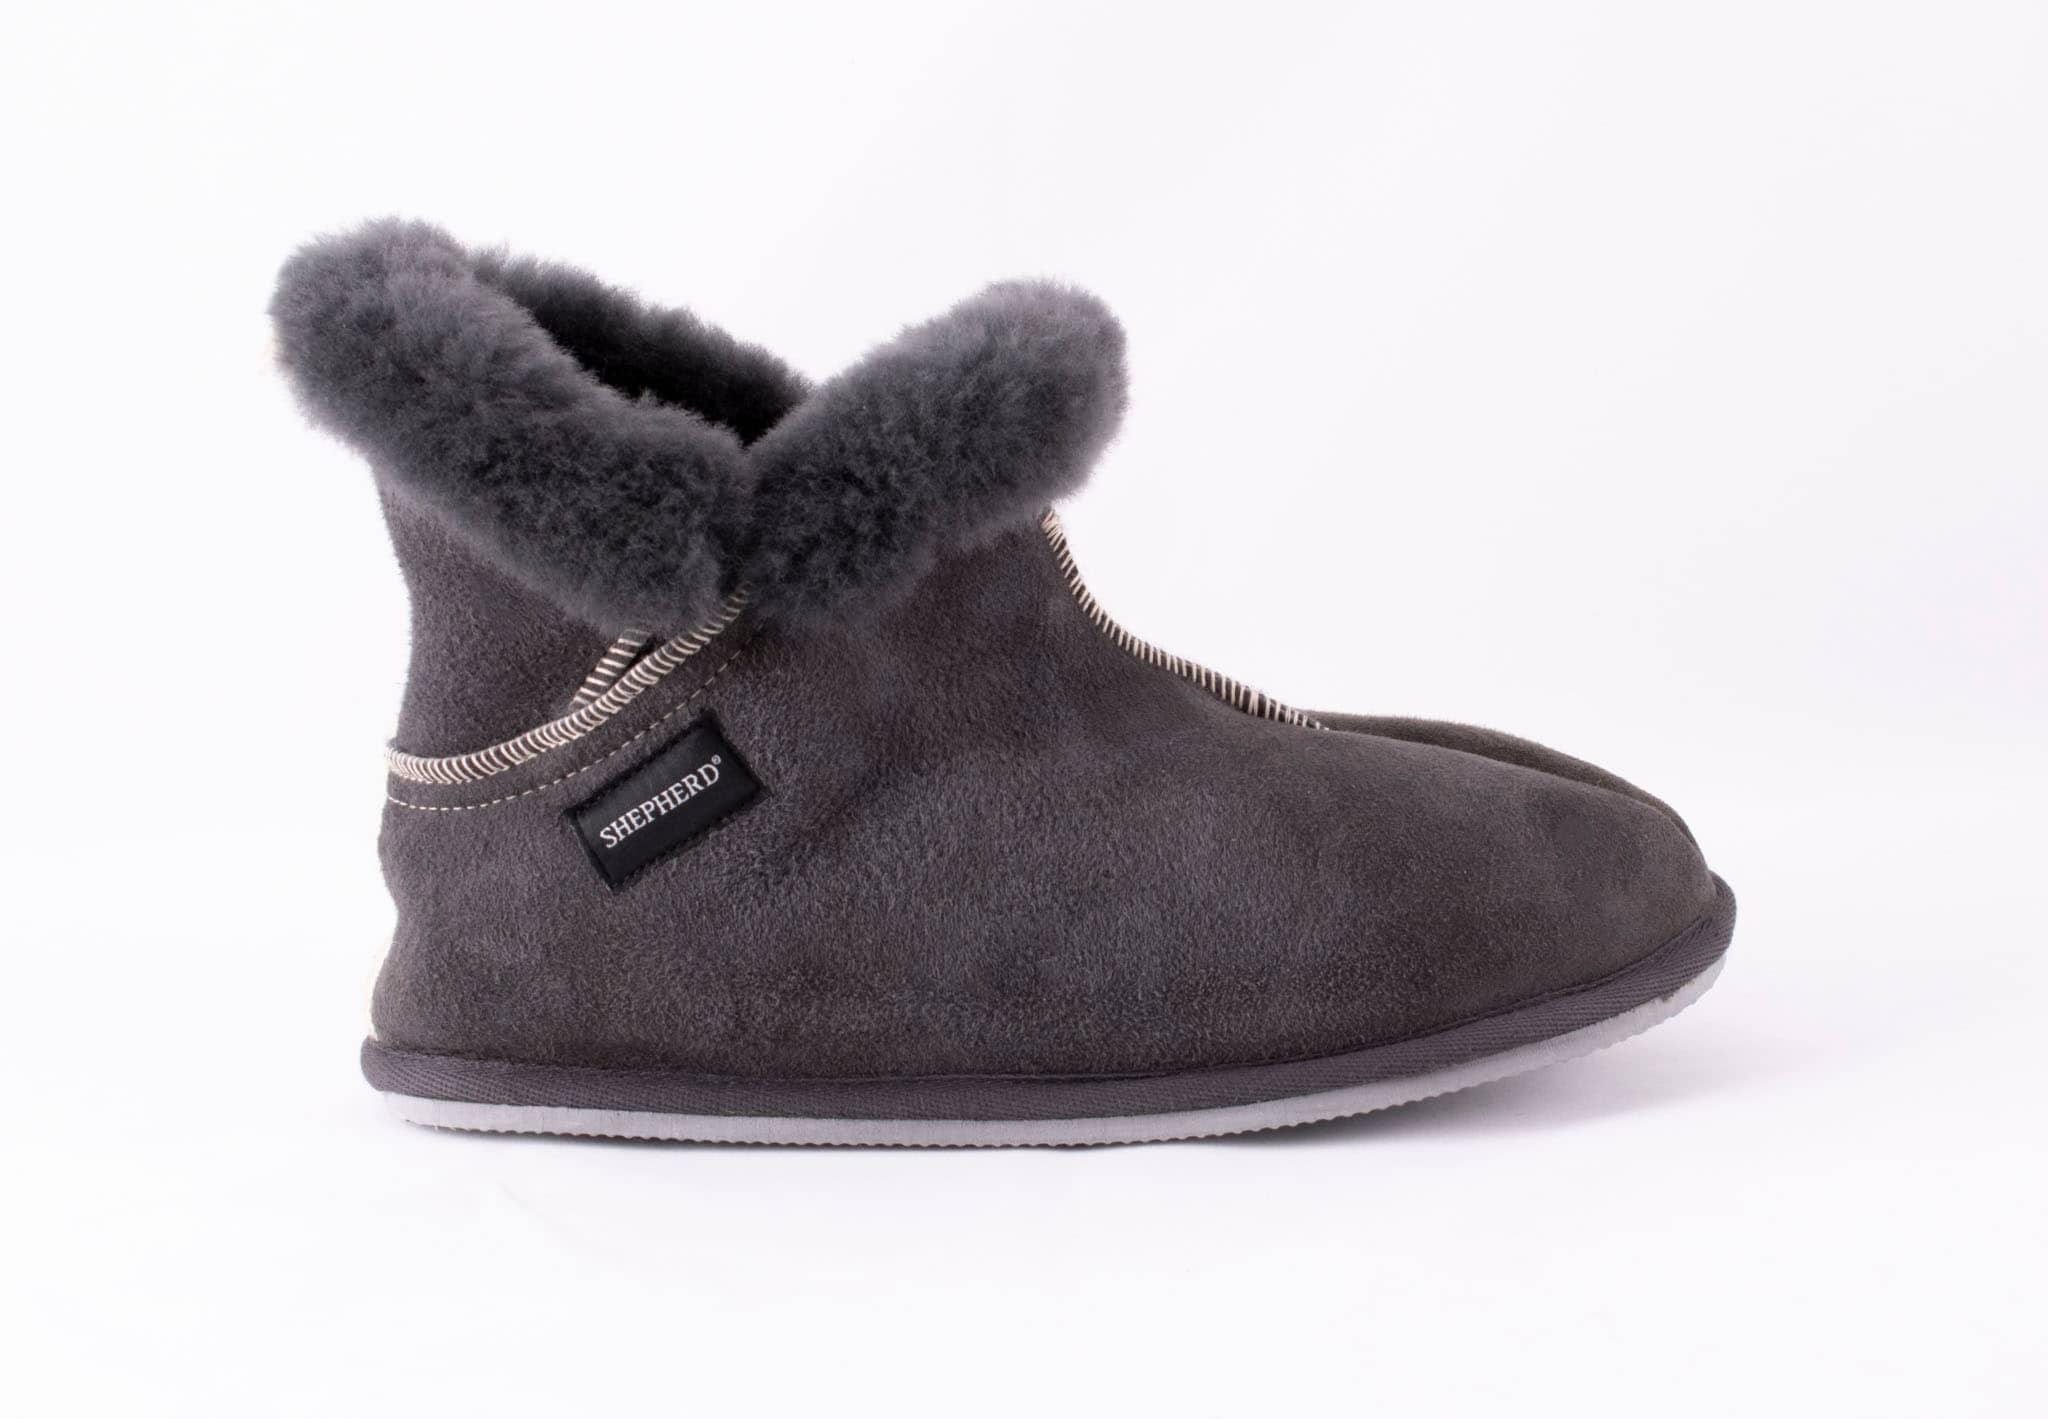 Shepherd Oskar slippers